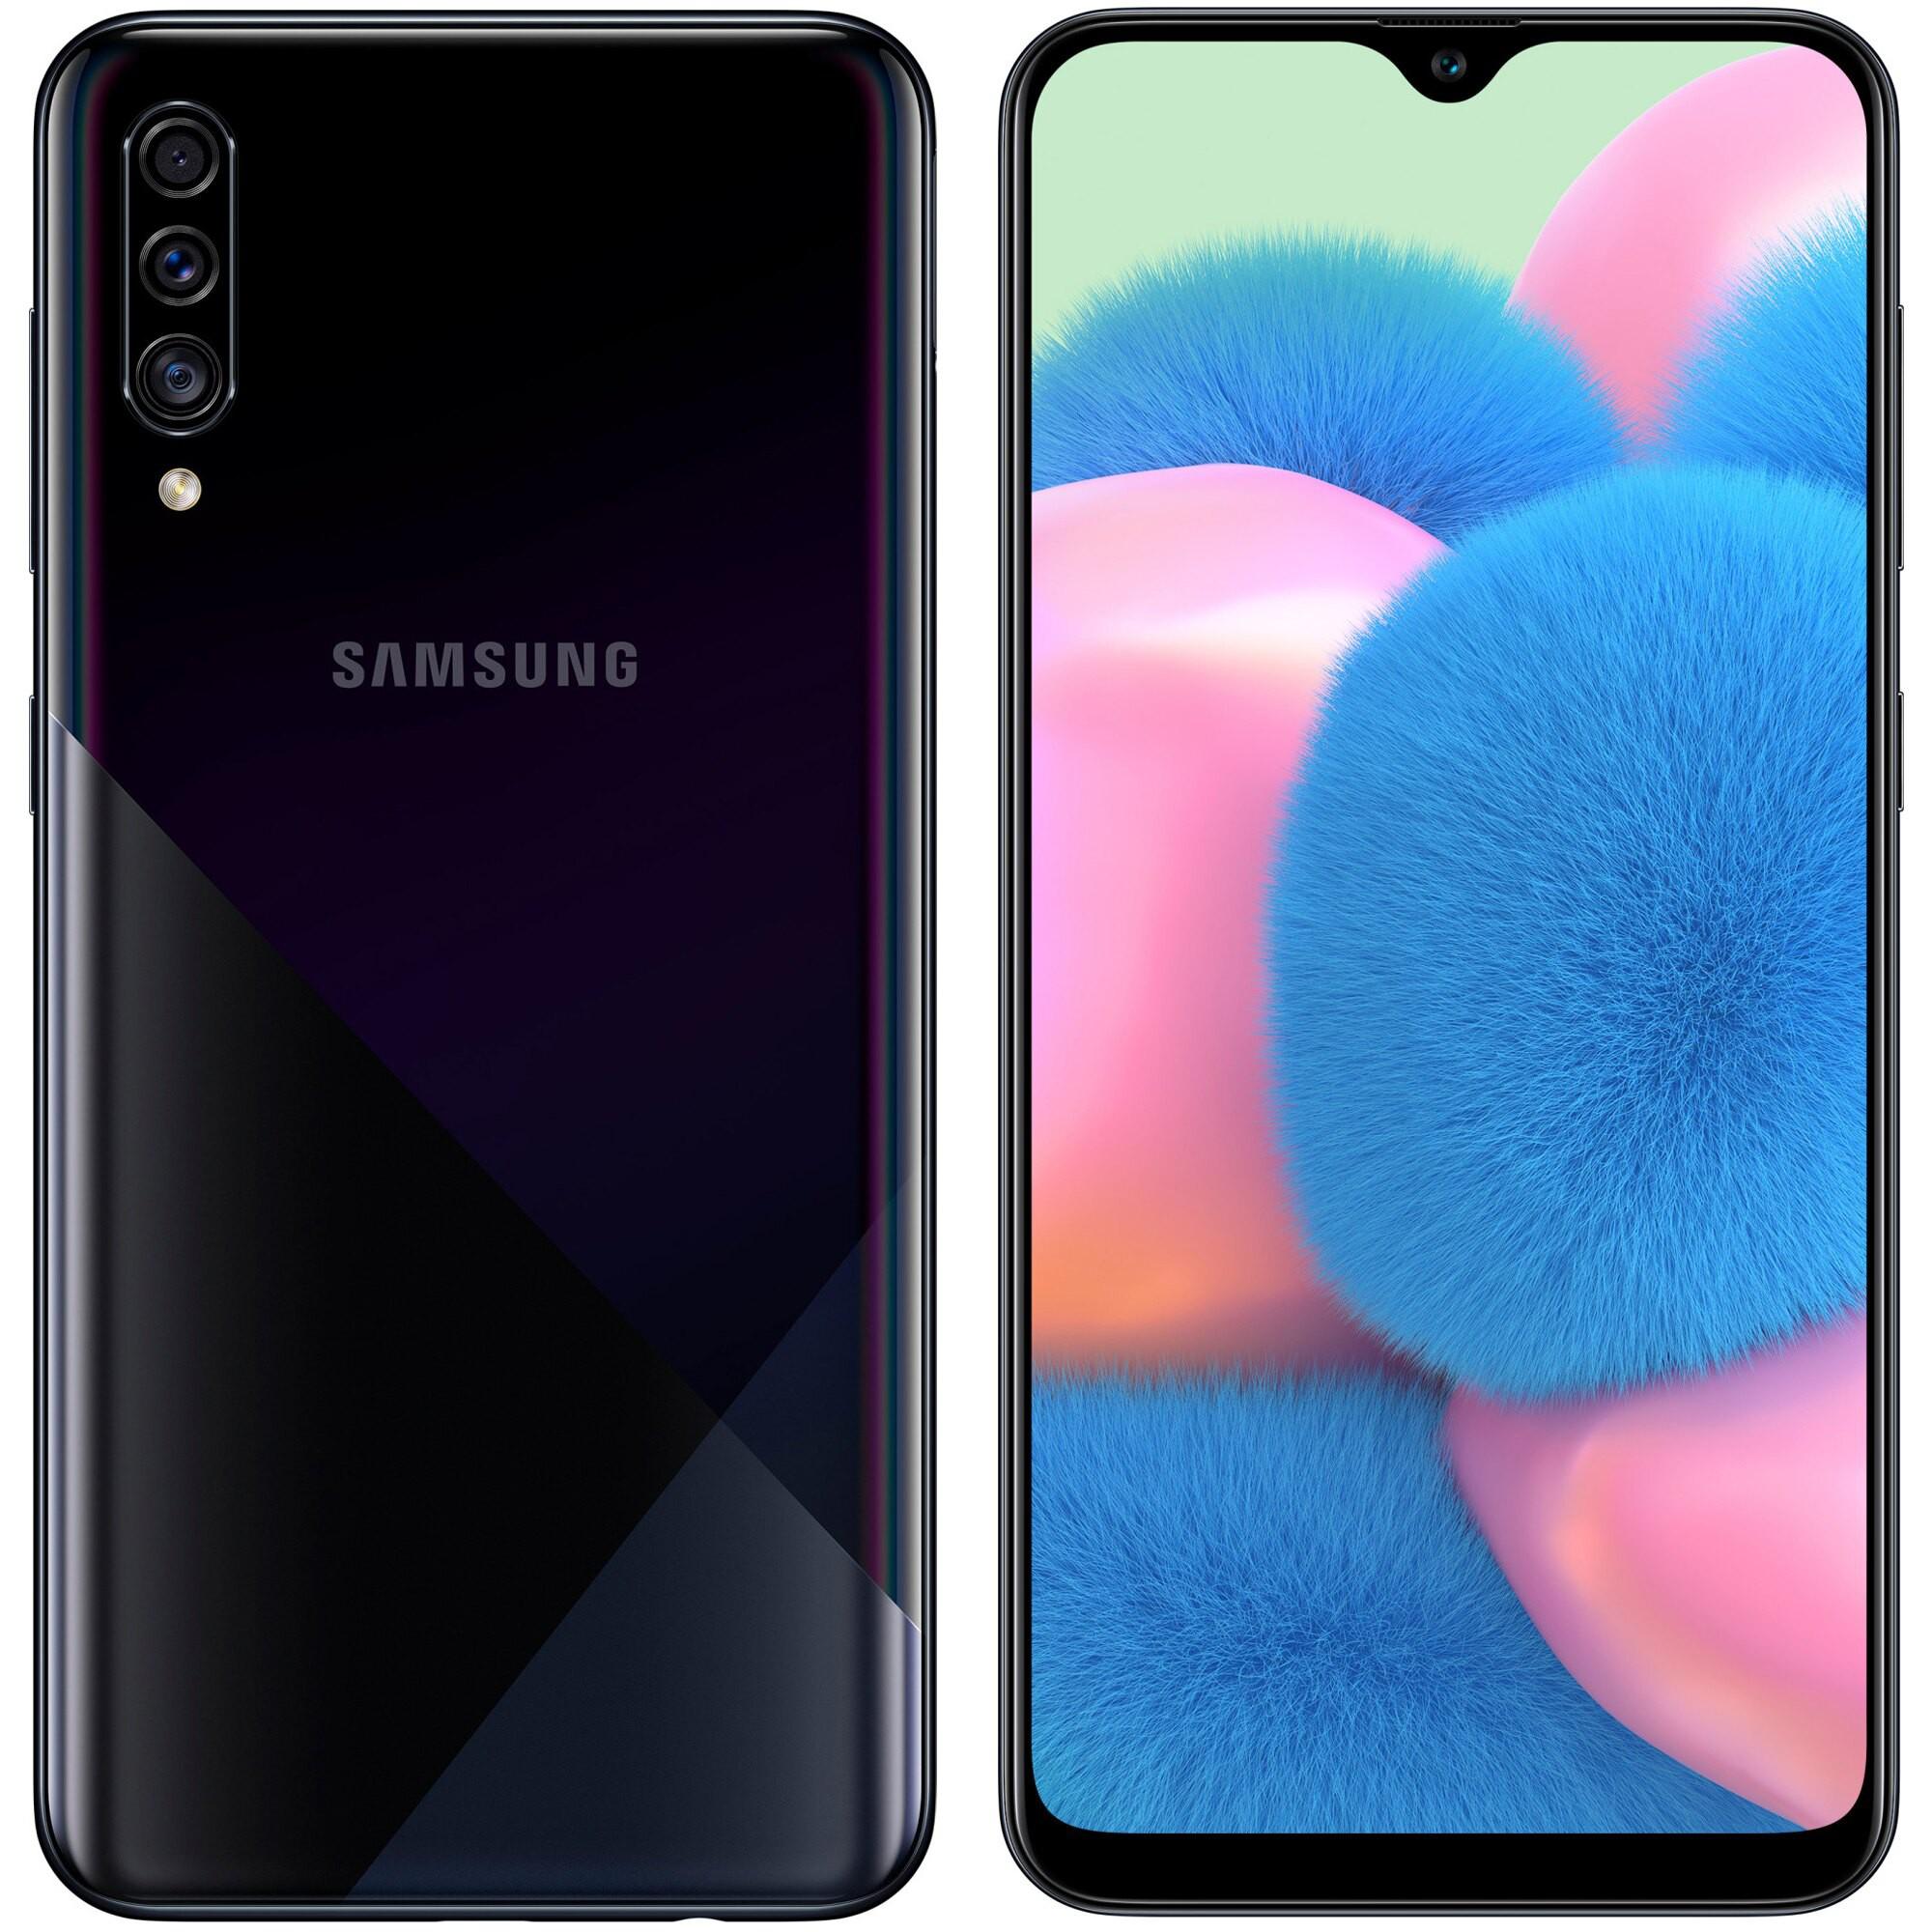 گوشی موبایل سامسونگ A30s دو سیم کارت با ظرفیت 128 گیگابایت با RAM 4GB - Samsung A30s Dual SIM 128GB RAM 4GB